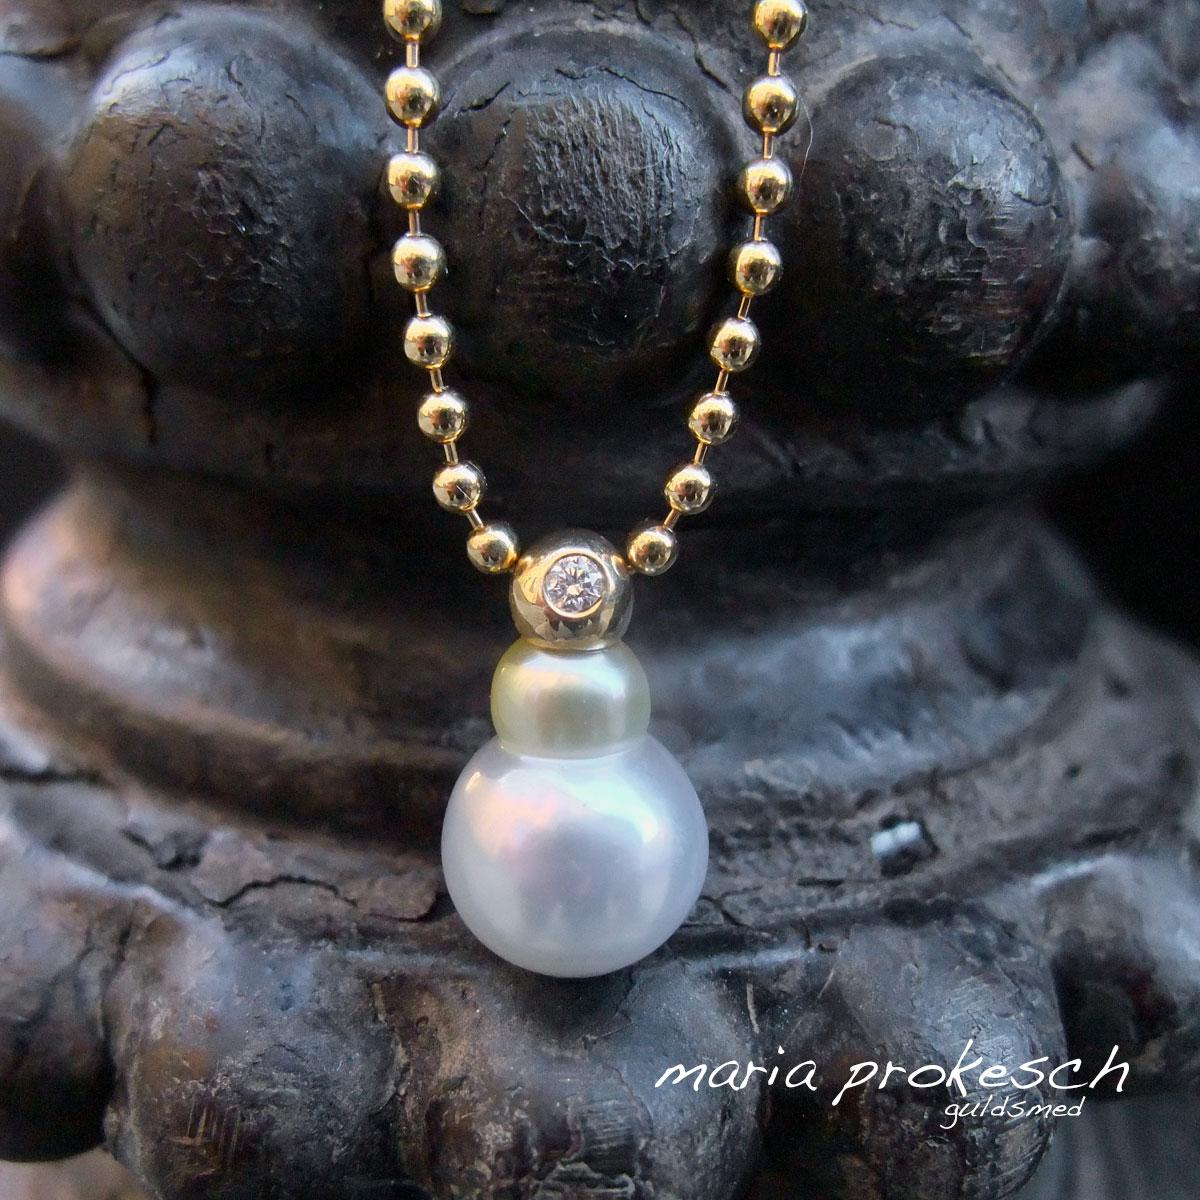 Perlevedhæng med unik South Sea perle. Muslingen har lavet en perle med to kugler der både er hvid og gul. Øverst en guldkugle i 18 kt med brillant. Kuglekæde i 14 kt guld.